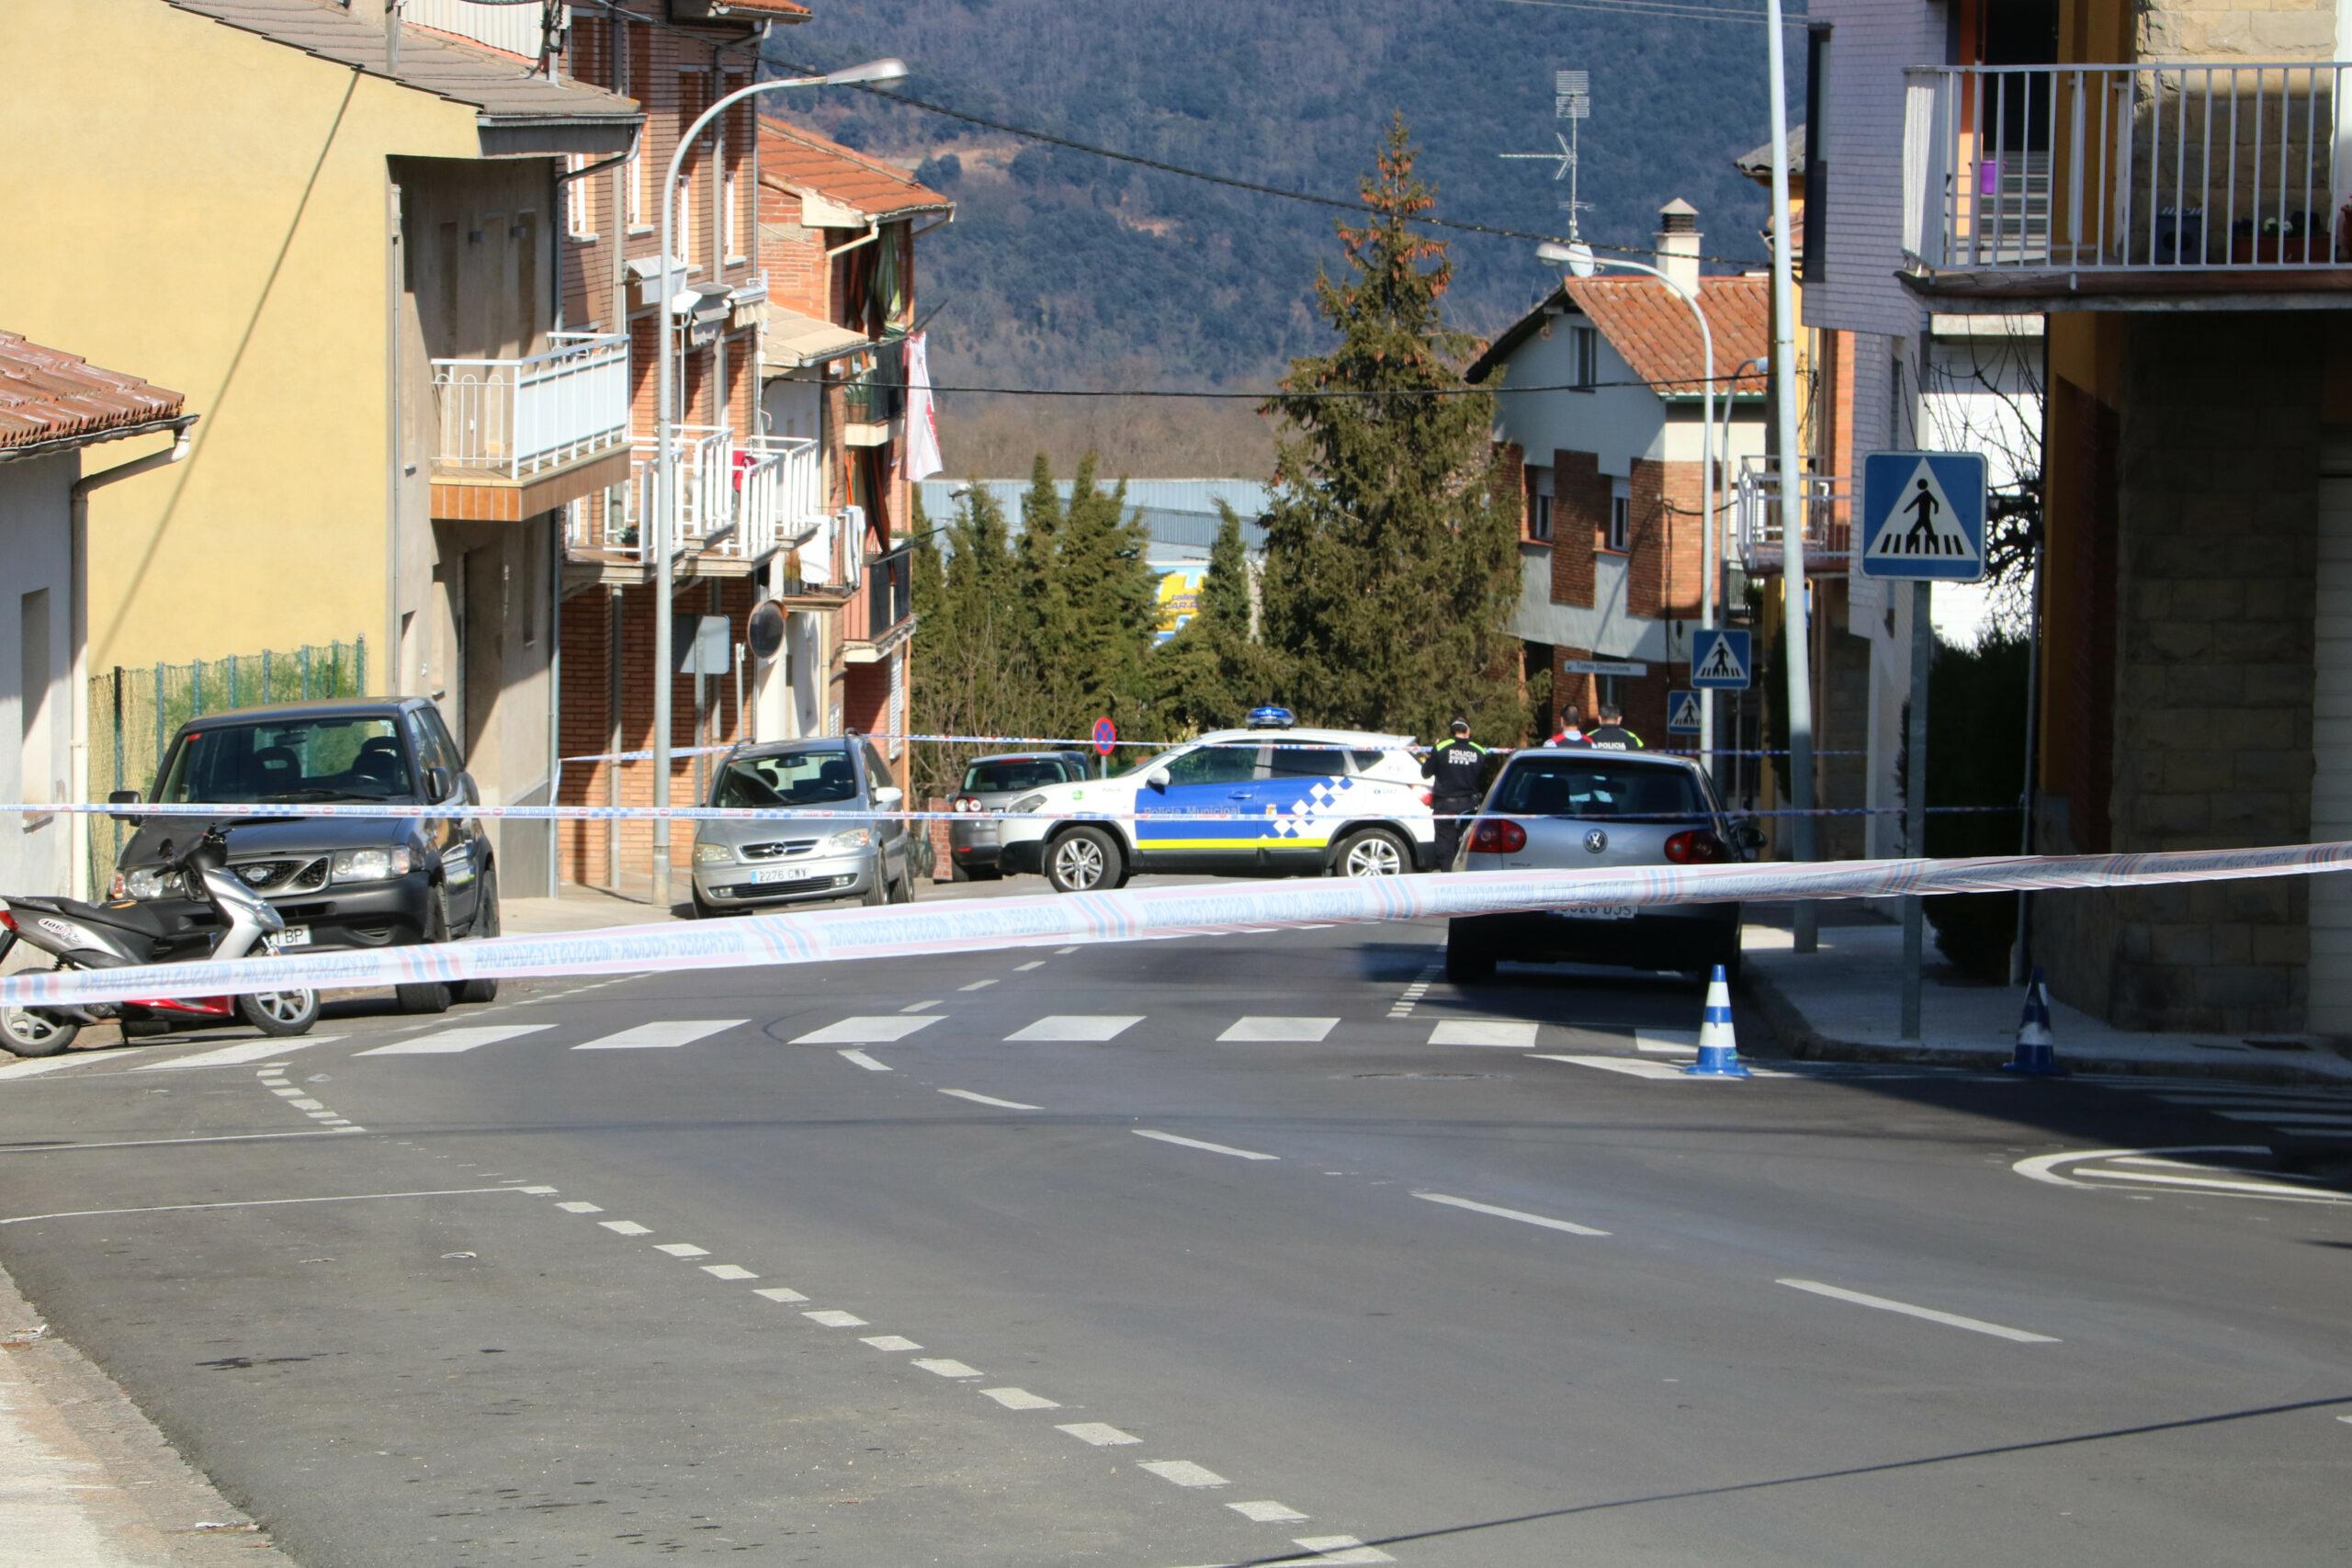 Pla general del carrer d'Olot on s'ha produït l'apunyalament acordonat, aquest 4 de febrer del 2021. (Horitzontal)